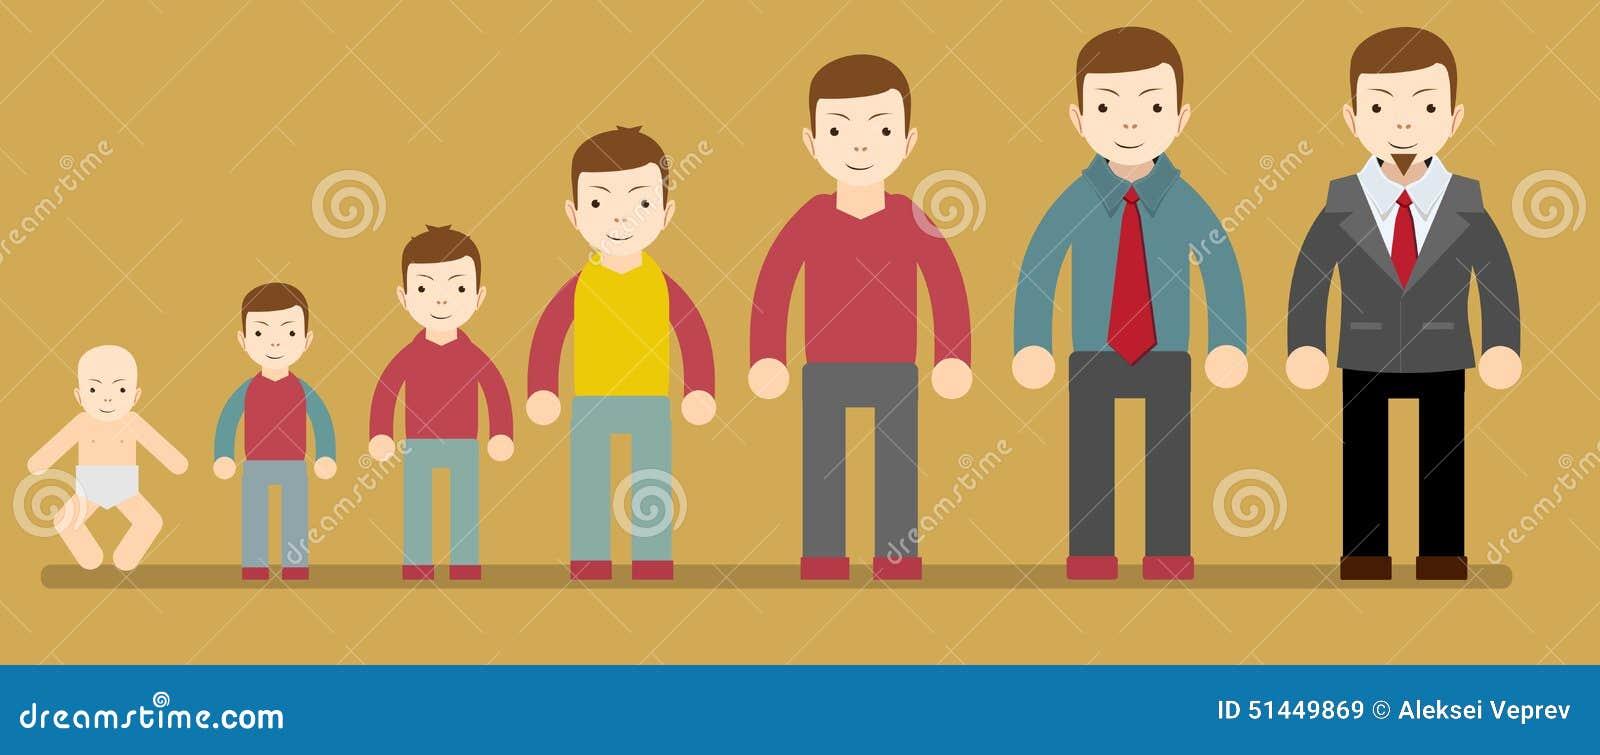 Jovens da vida humana da idade do envelhecimento do homem que crescem o processo velho